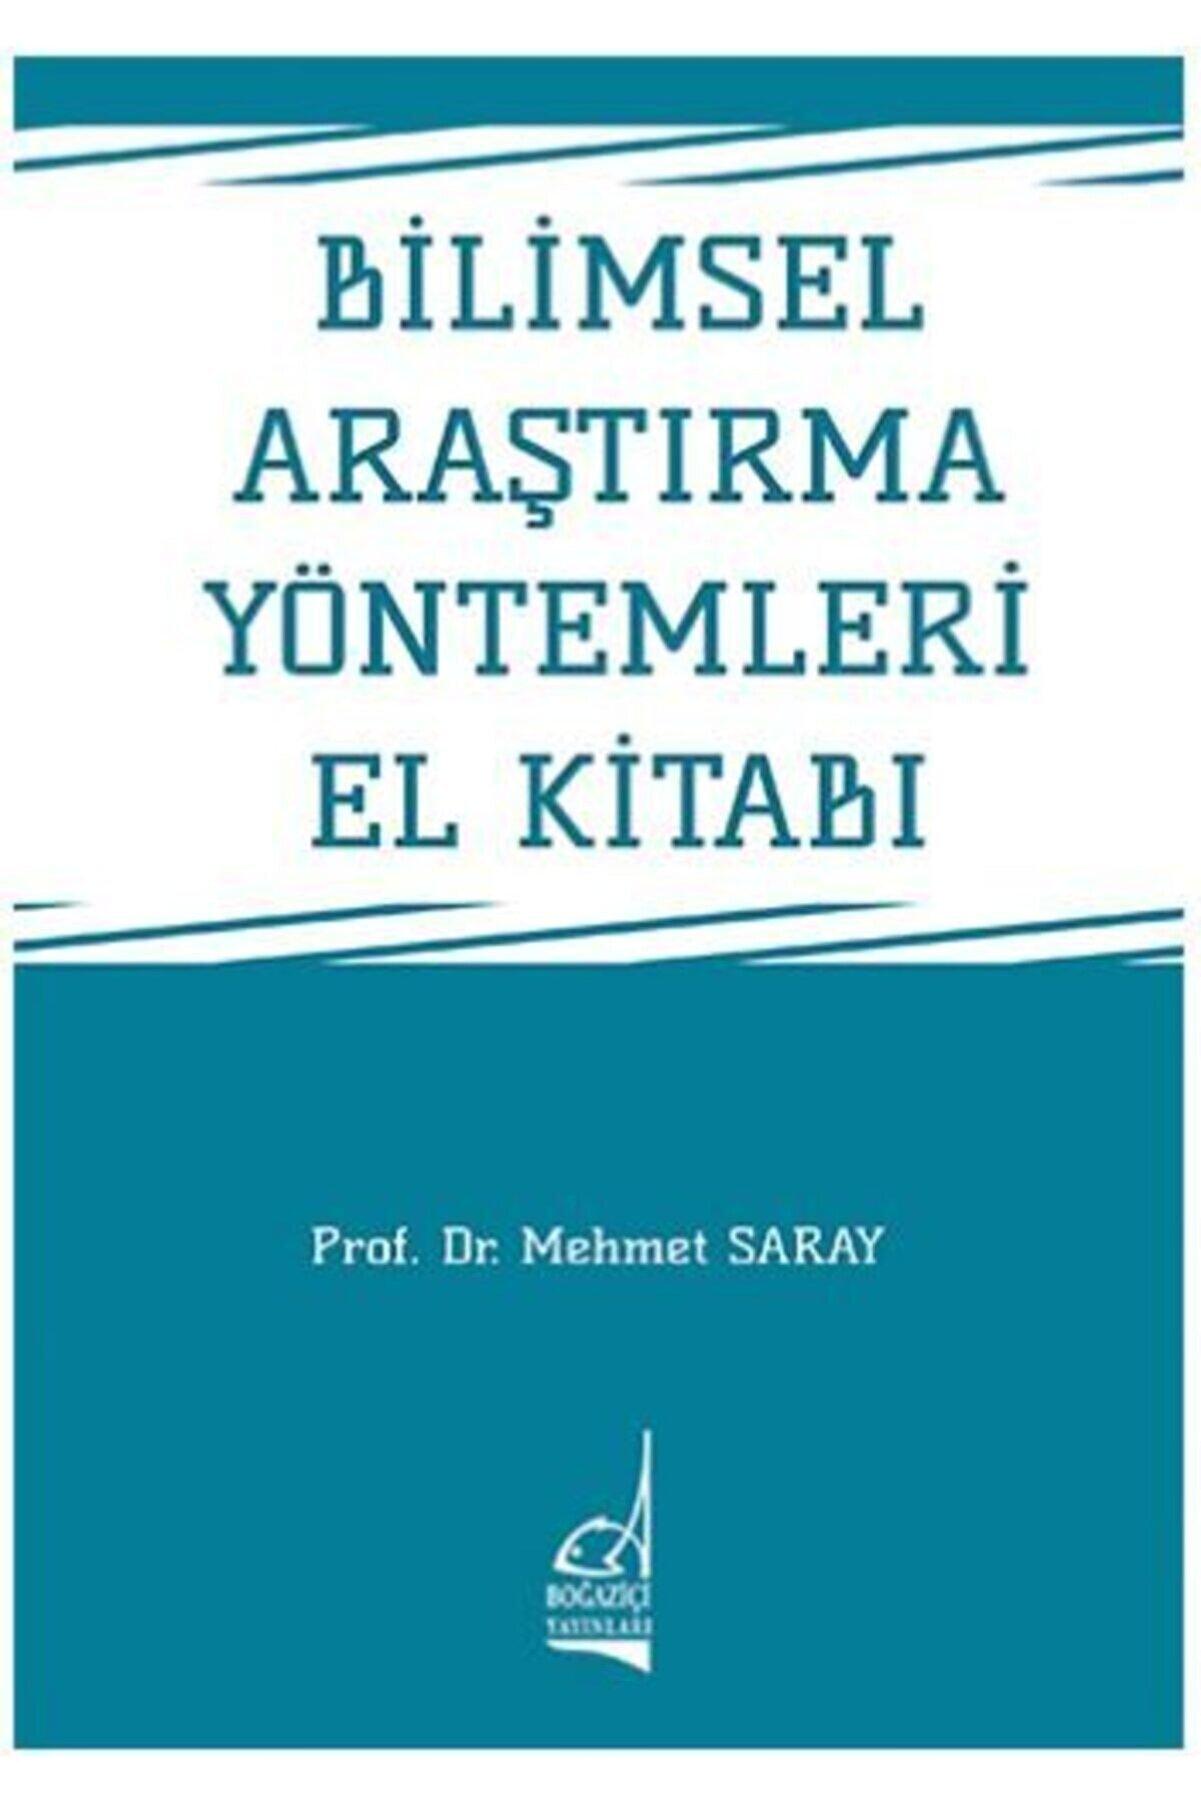 Boğaziçi Yayınları Bilimsel Araştırma Yöntemleri El Kitabı